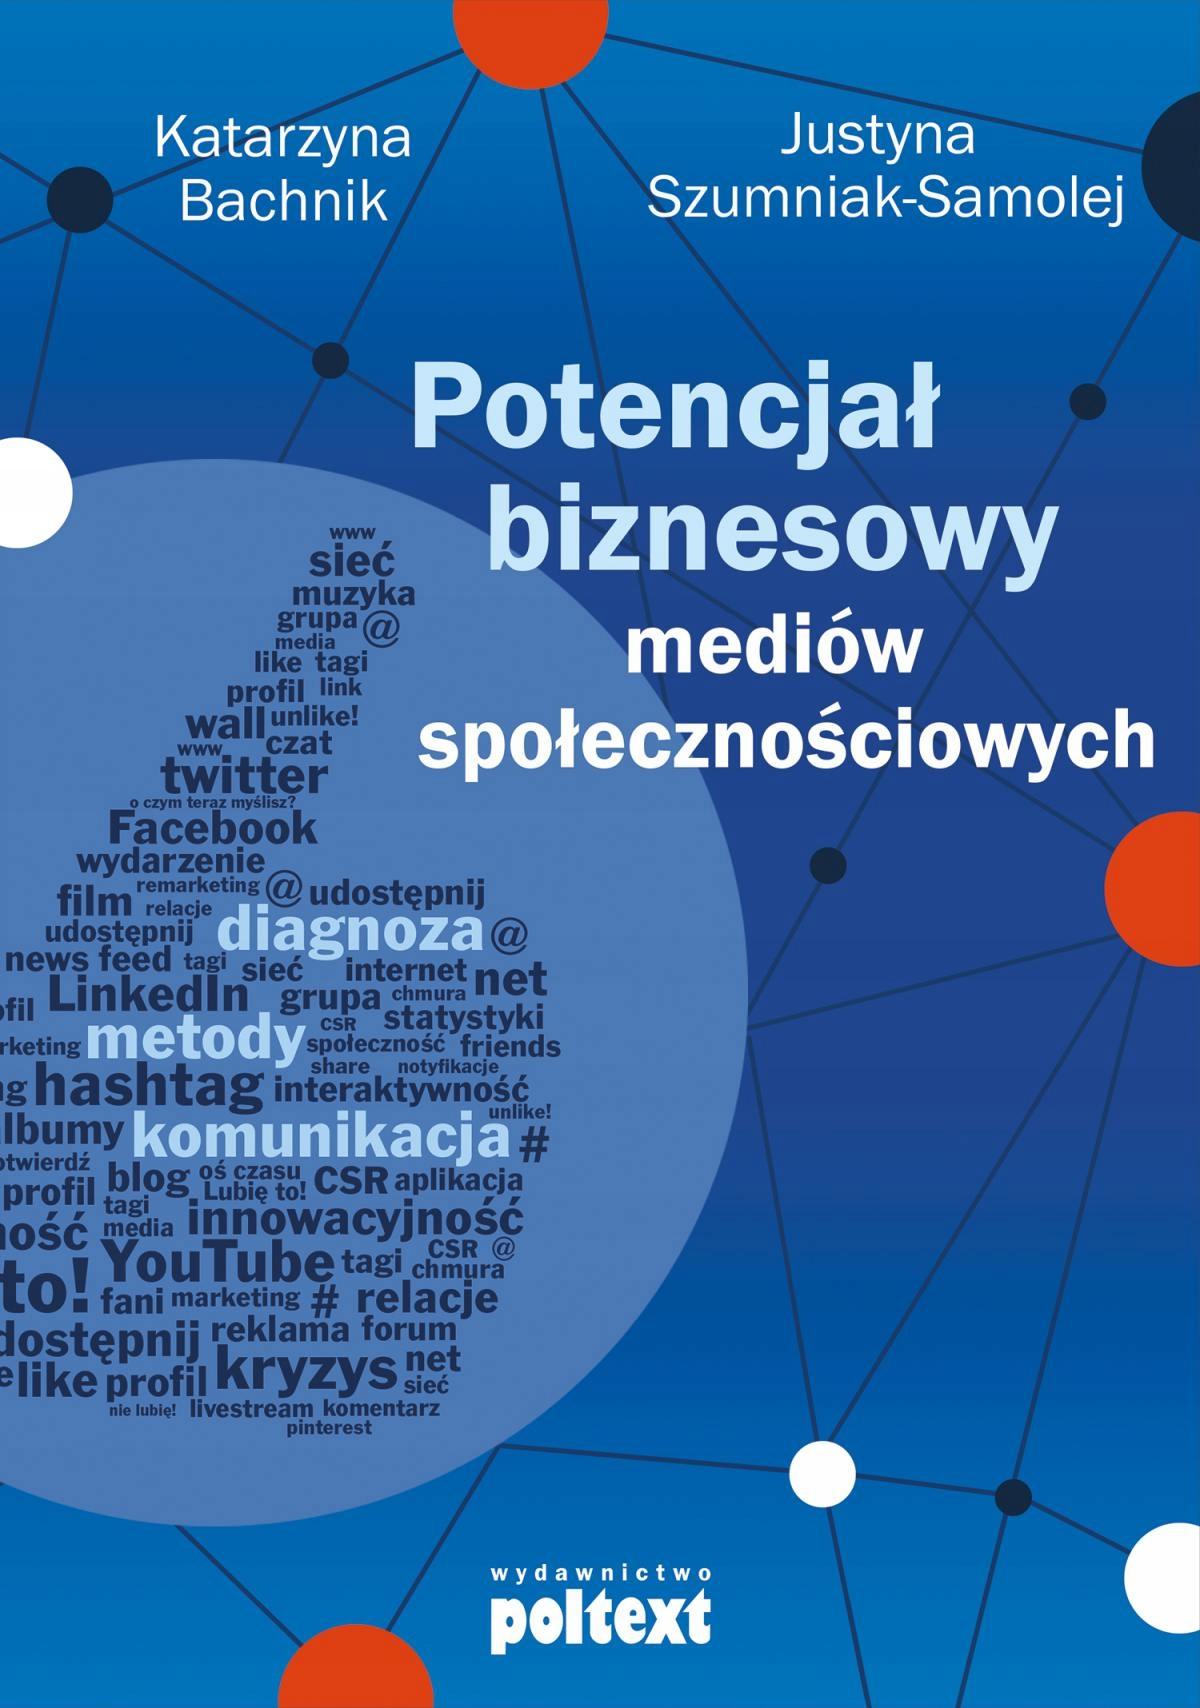 Potencjał biznesowy mediów... Katarzyna Bachnik